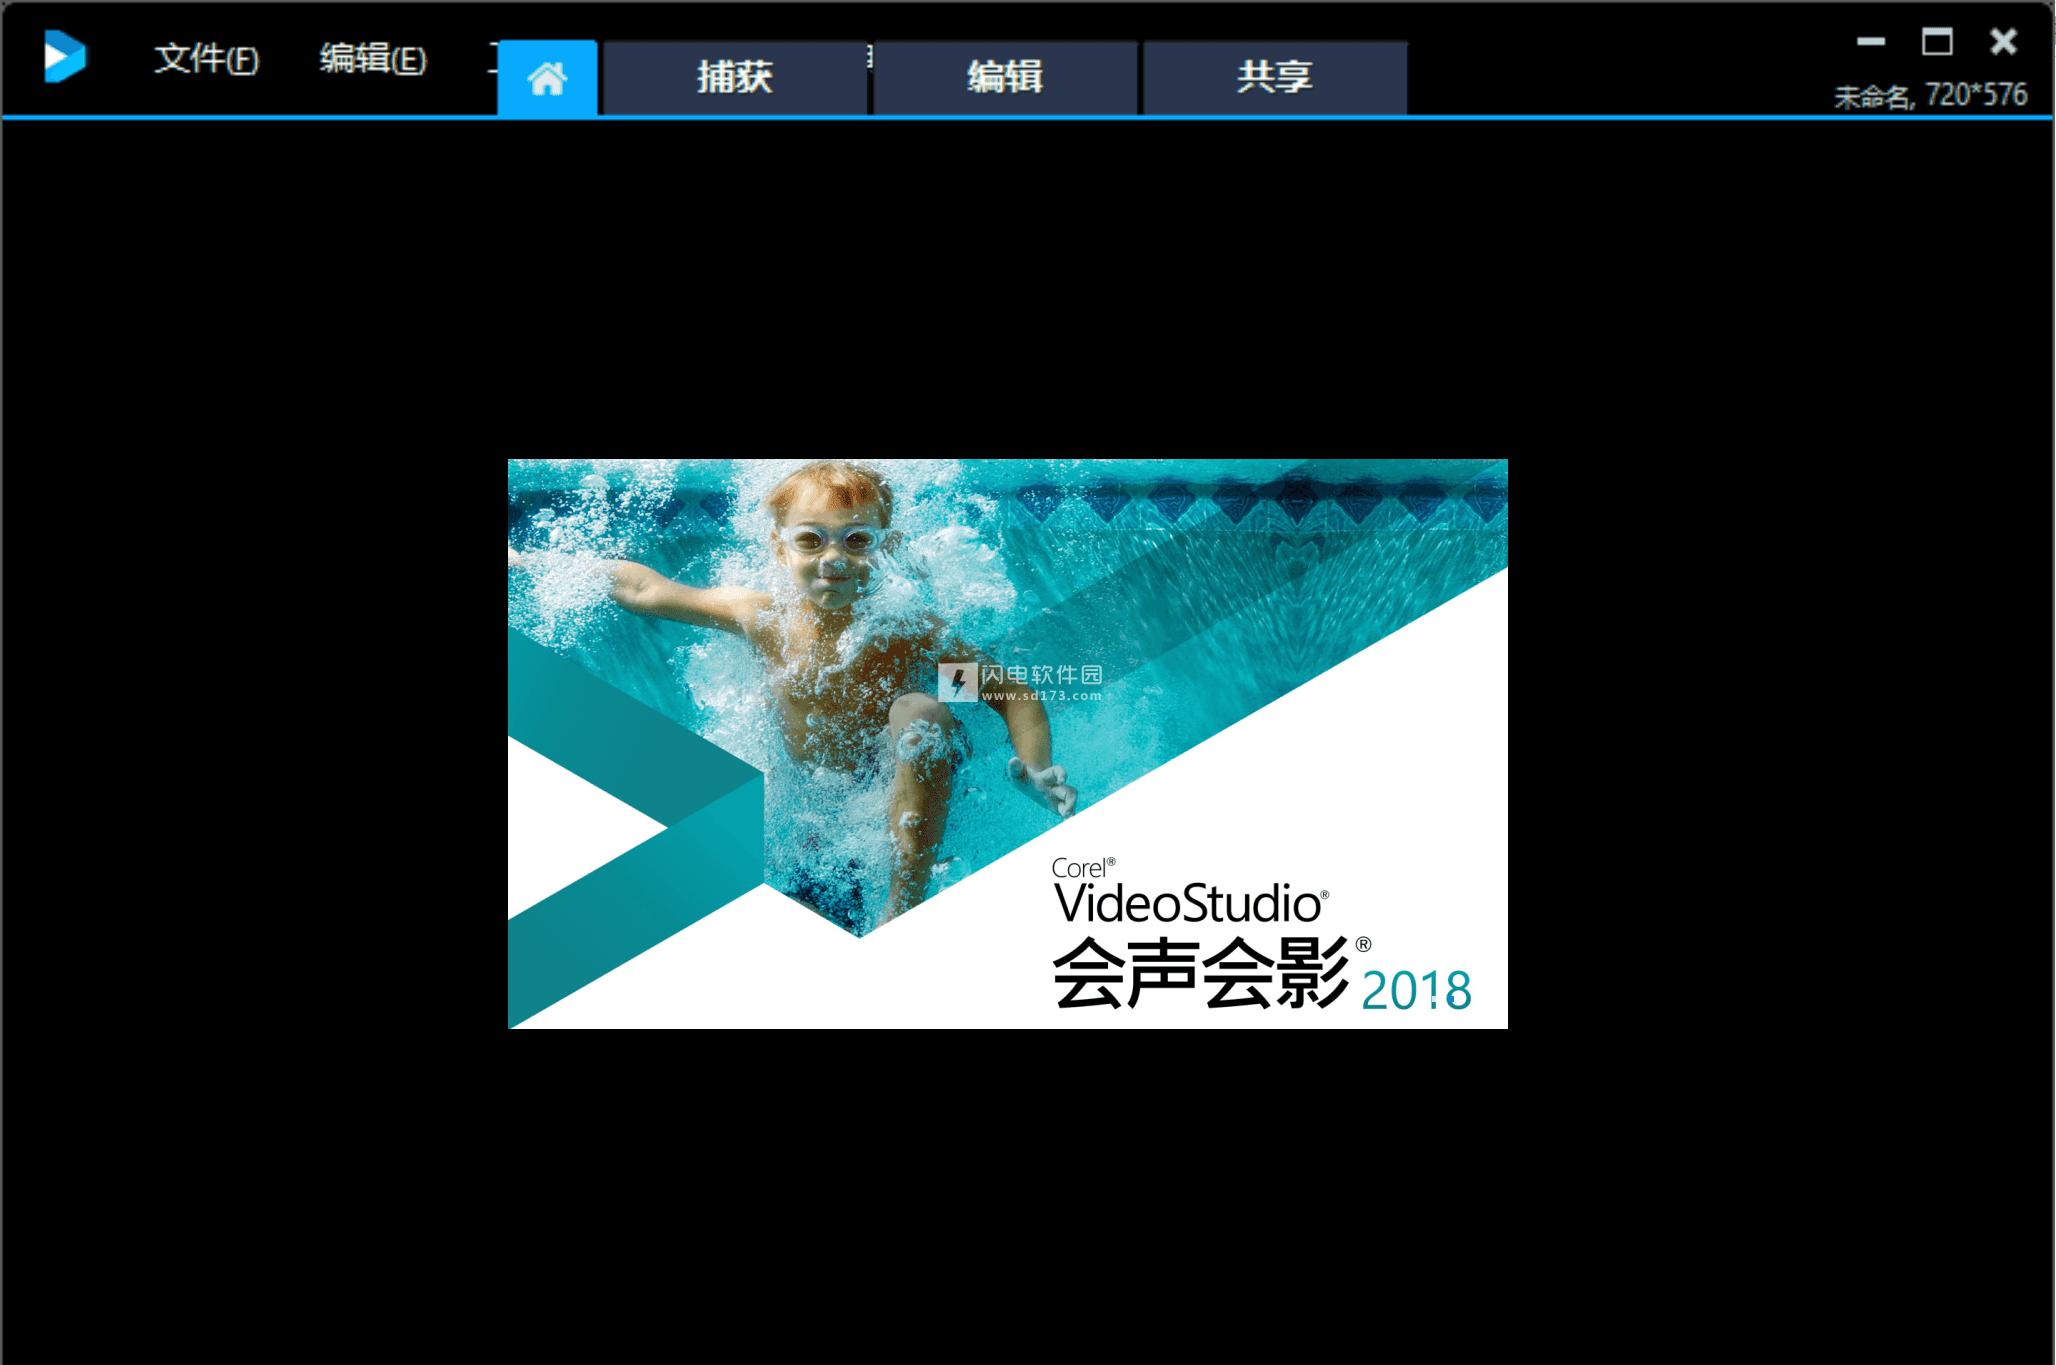 Corel VideoStudio 2018 会声会影2018破解版 附破解教程